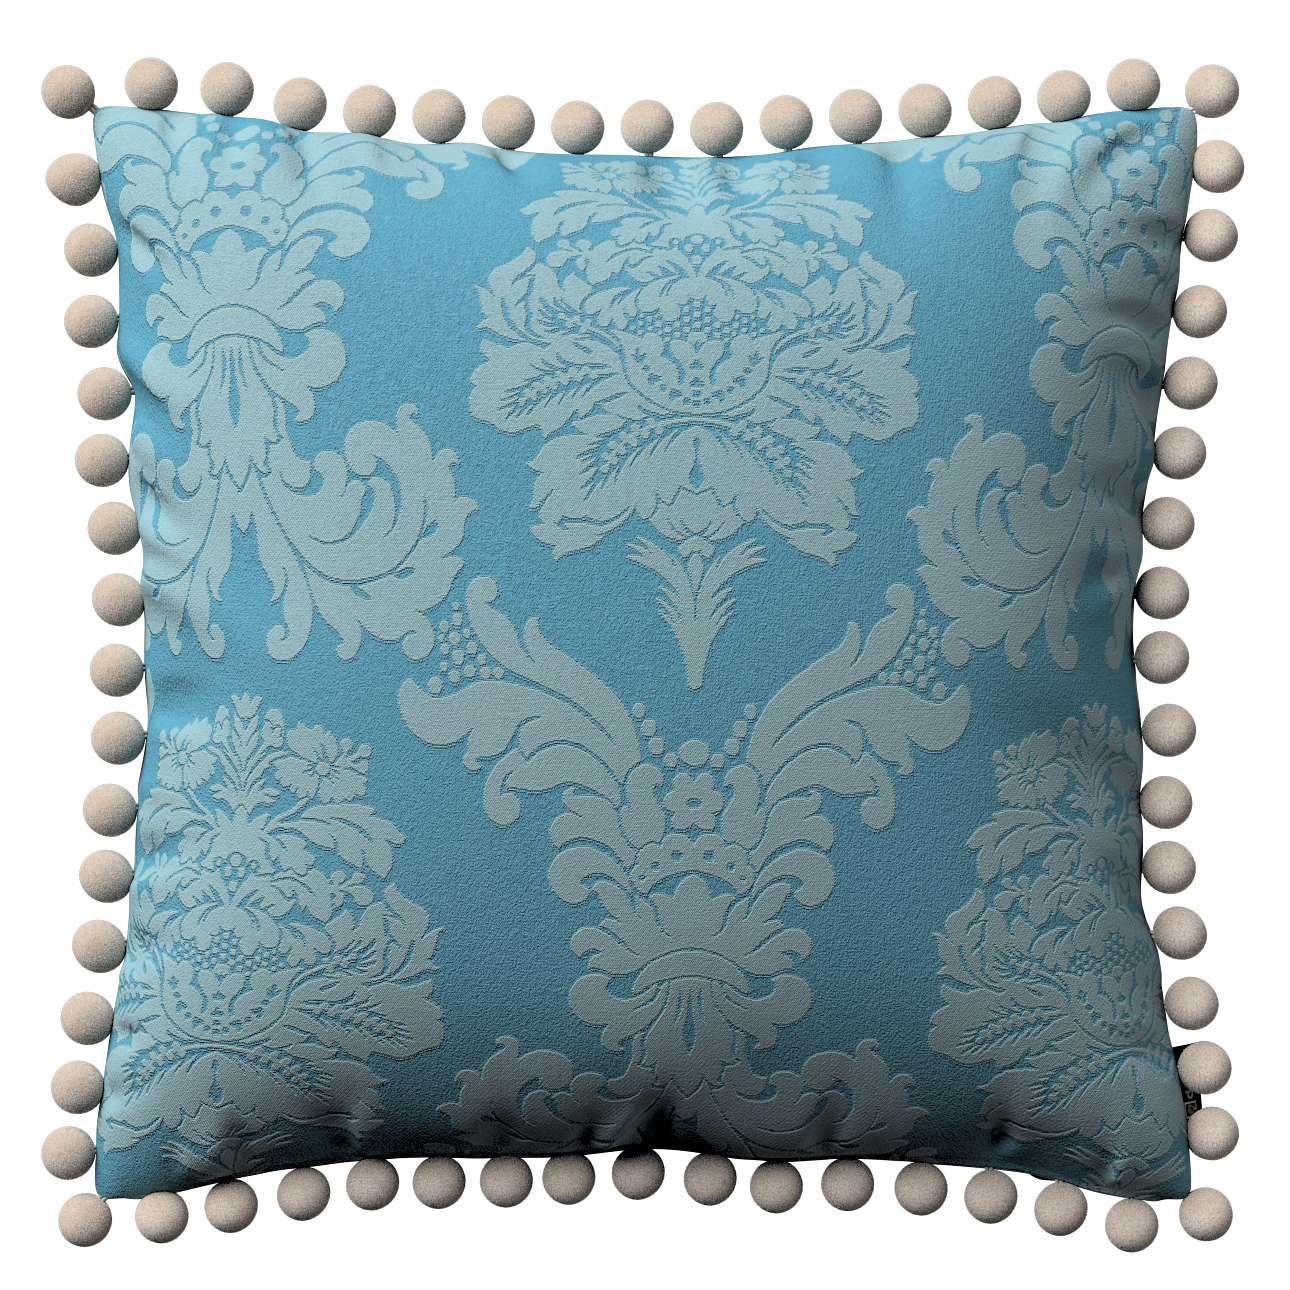 Wera dekoratyvinės pagalvėlės su žaismingais kraštais 45 x 45 cm kolekcijoje Damasco, audinys: 613-67